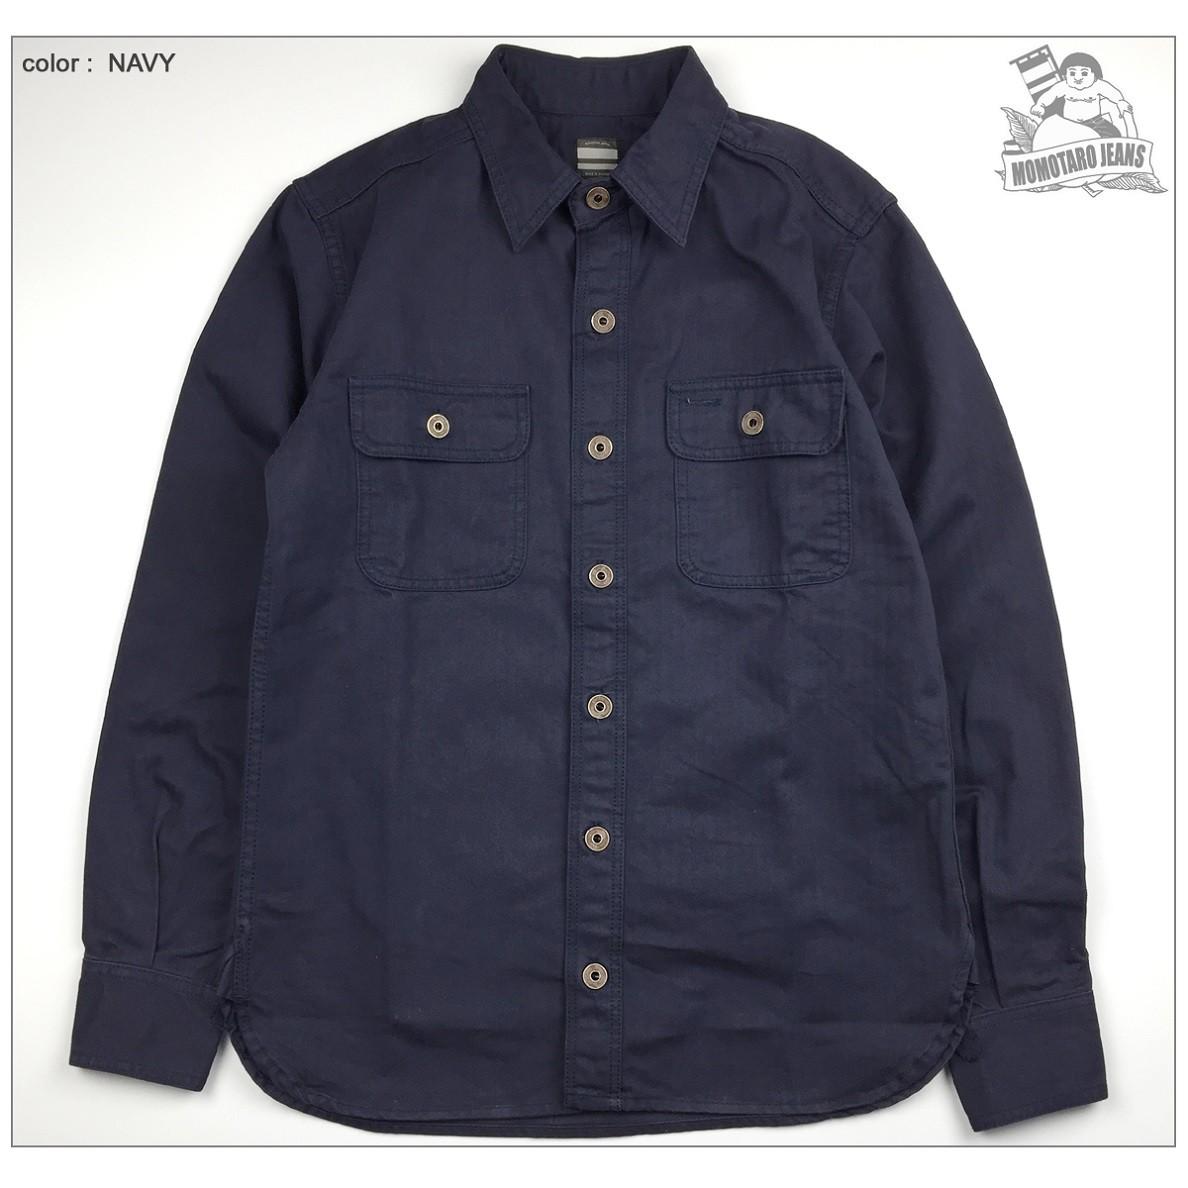 桃太郎ジーンズ 05-160 ワークシャツ 画像13